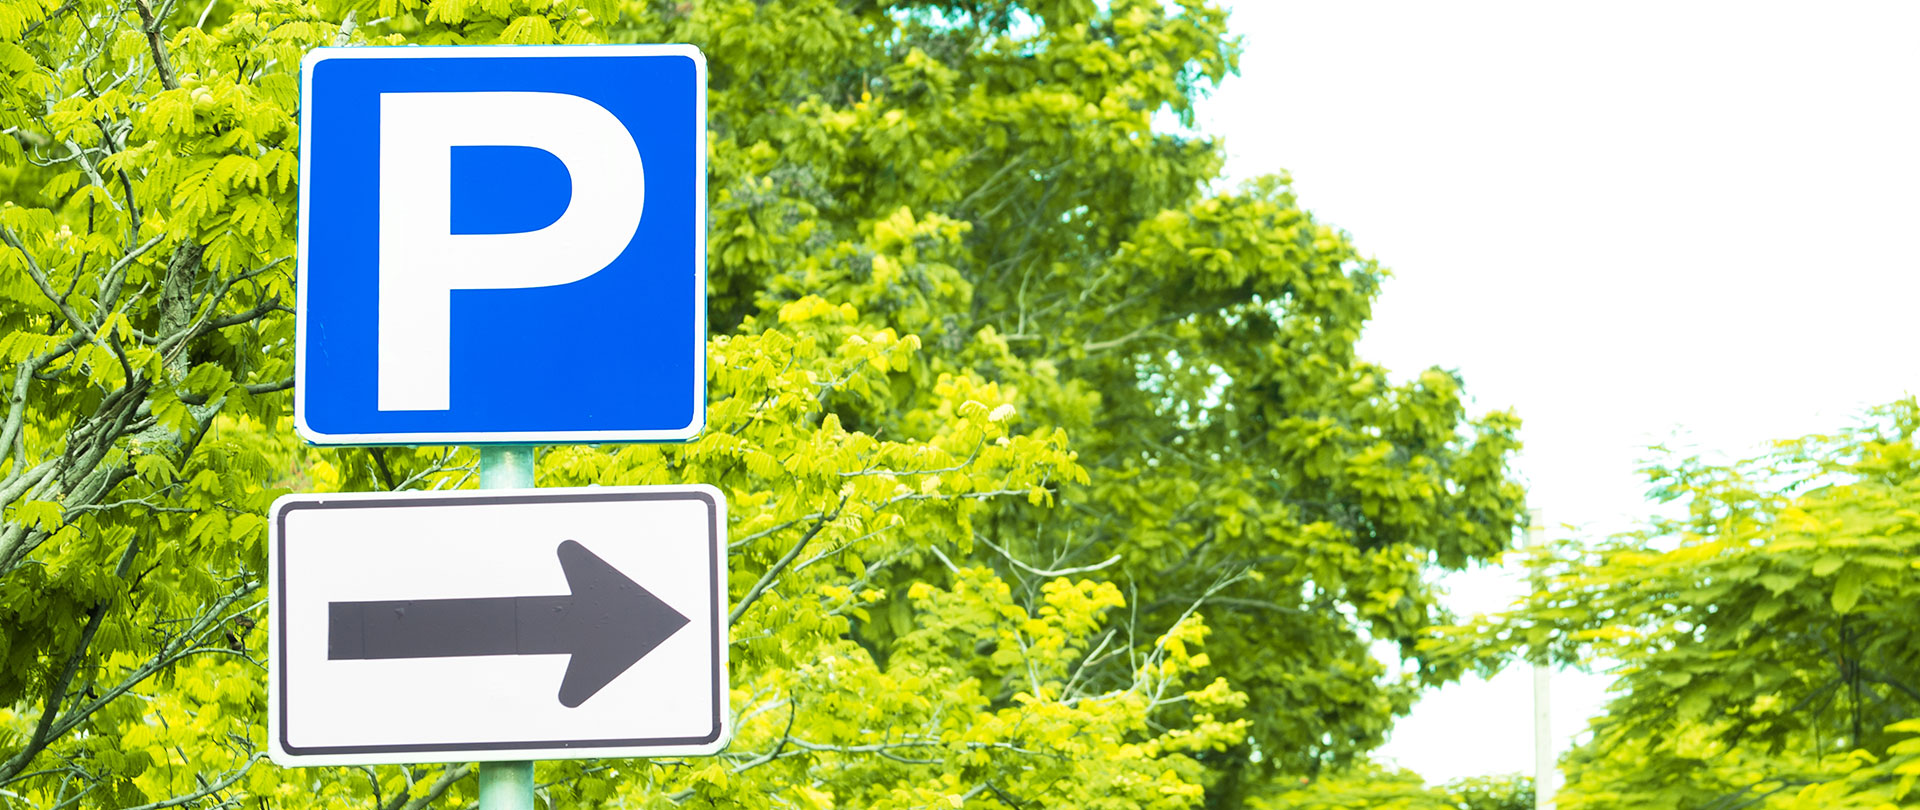 gewerbepark-siegerland-banner-parkplatzvermietung